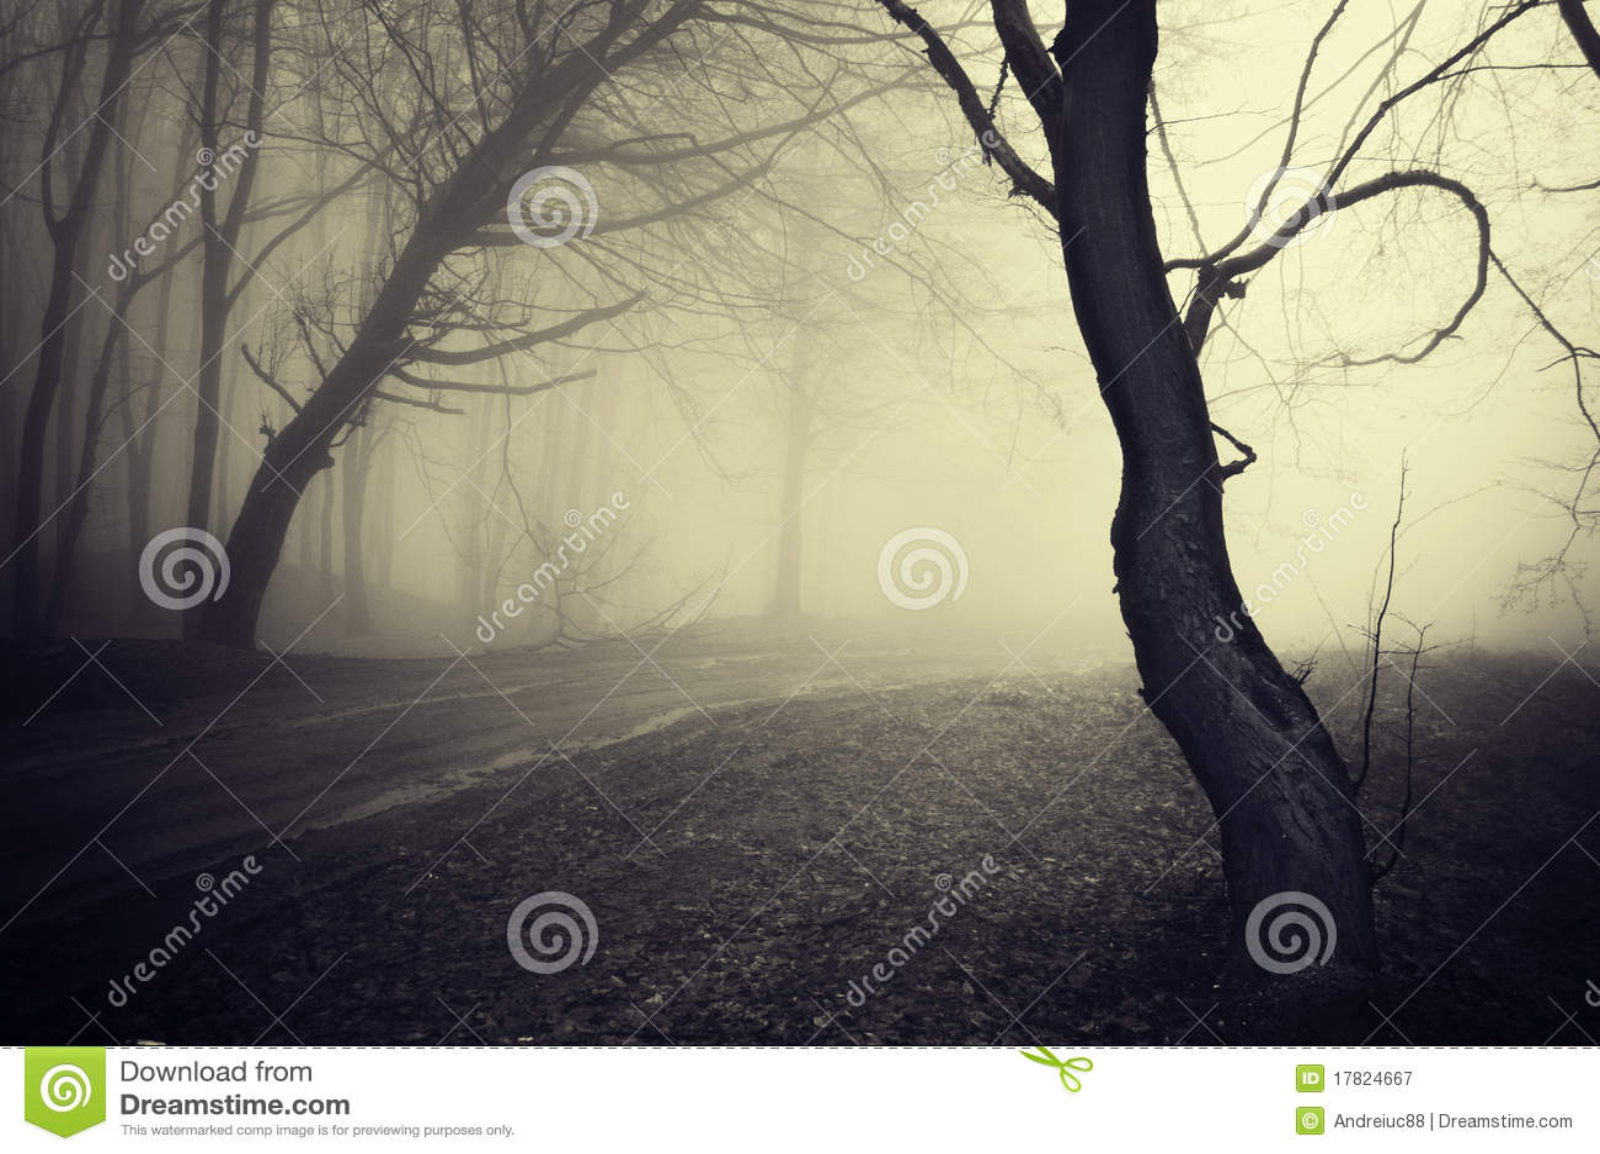 Vecchia foto di sguardo di un percorso attraverso una foresta con